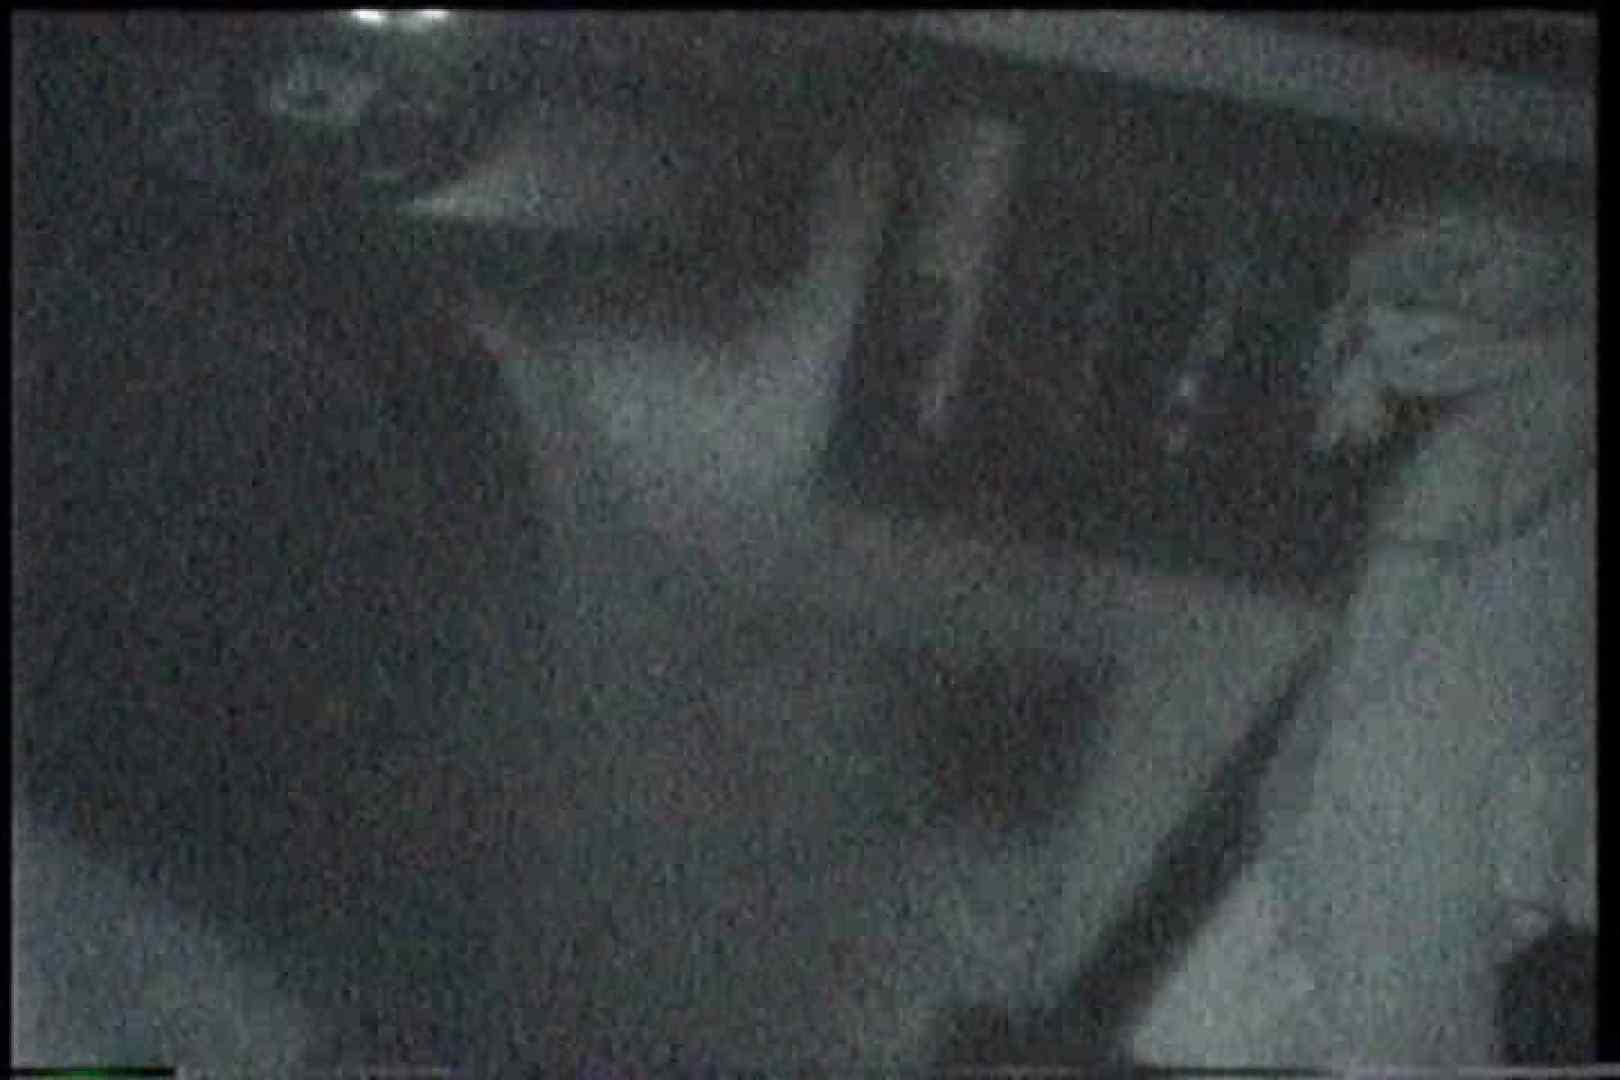 充血監督の深夜の運動会Vol.187 エロティックなOL   エッチなセックス  96画像 29